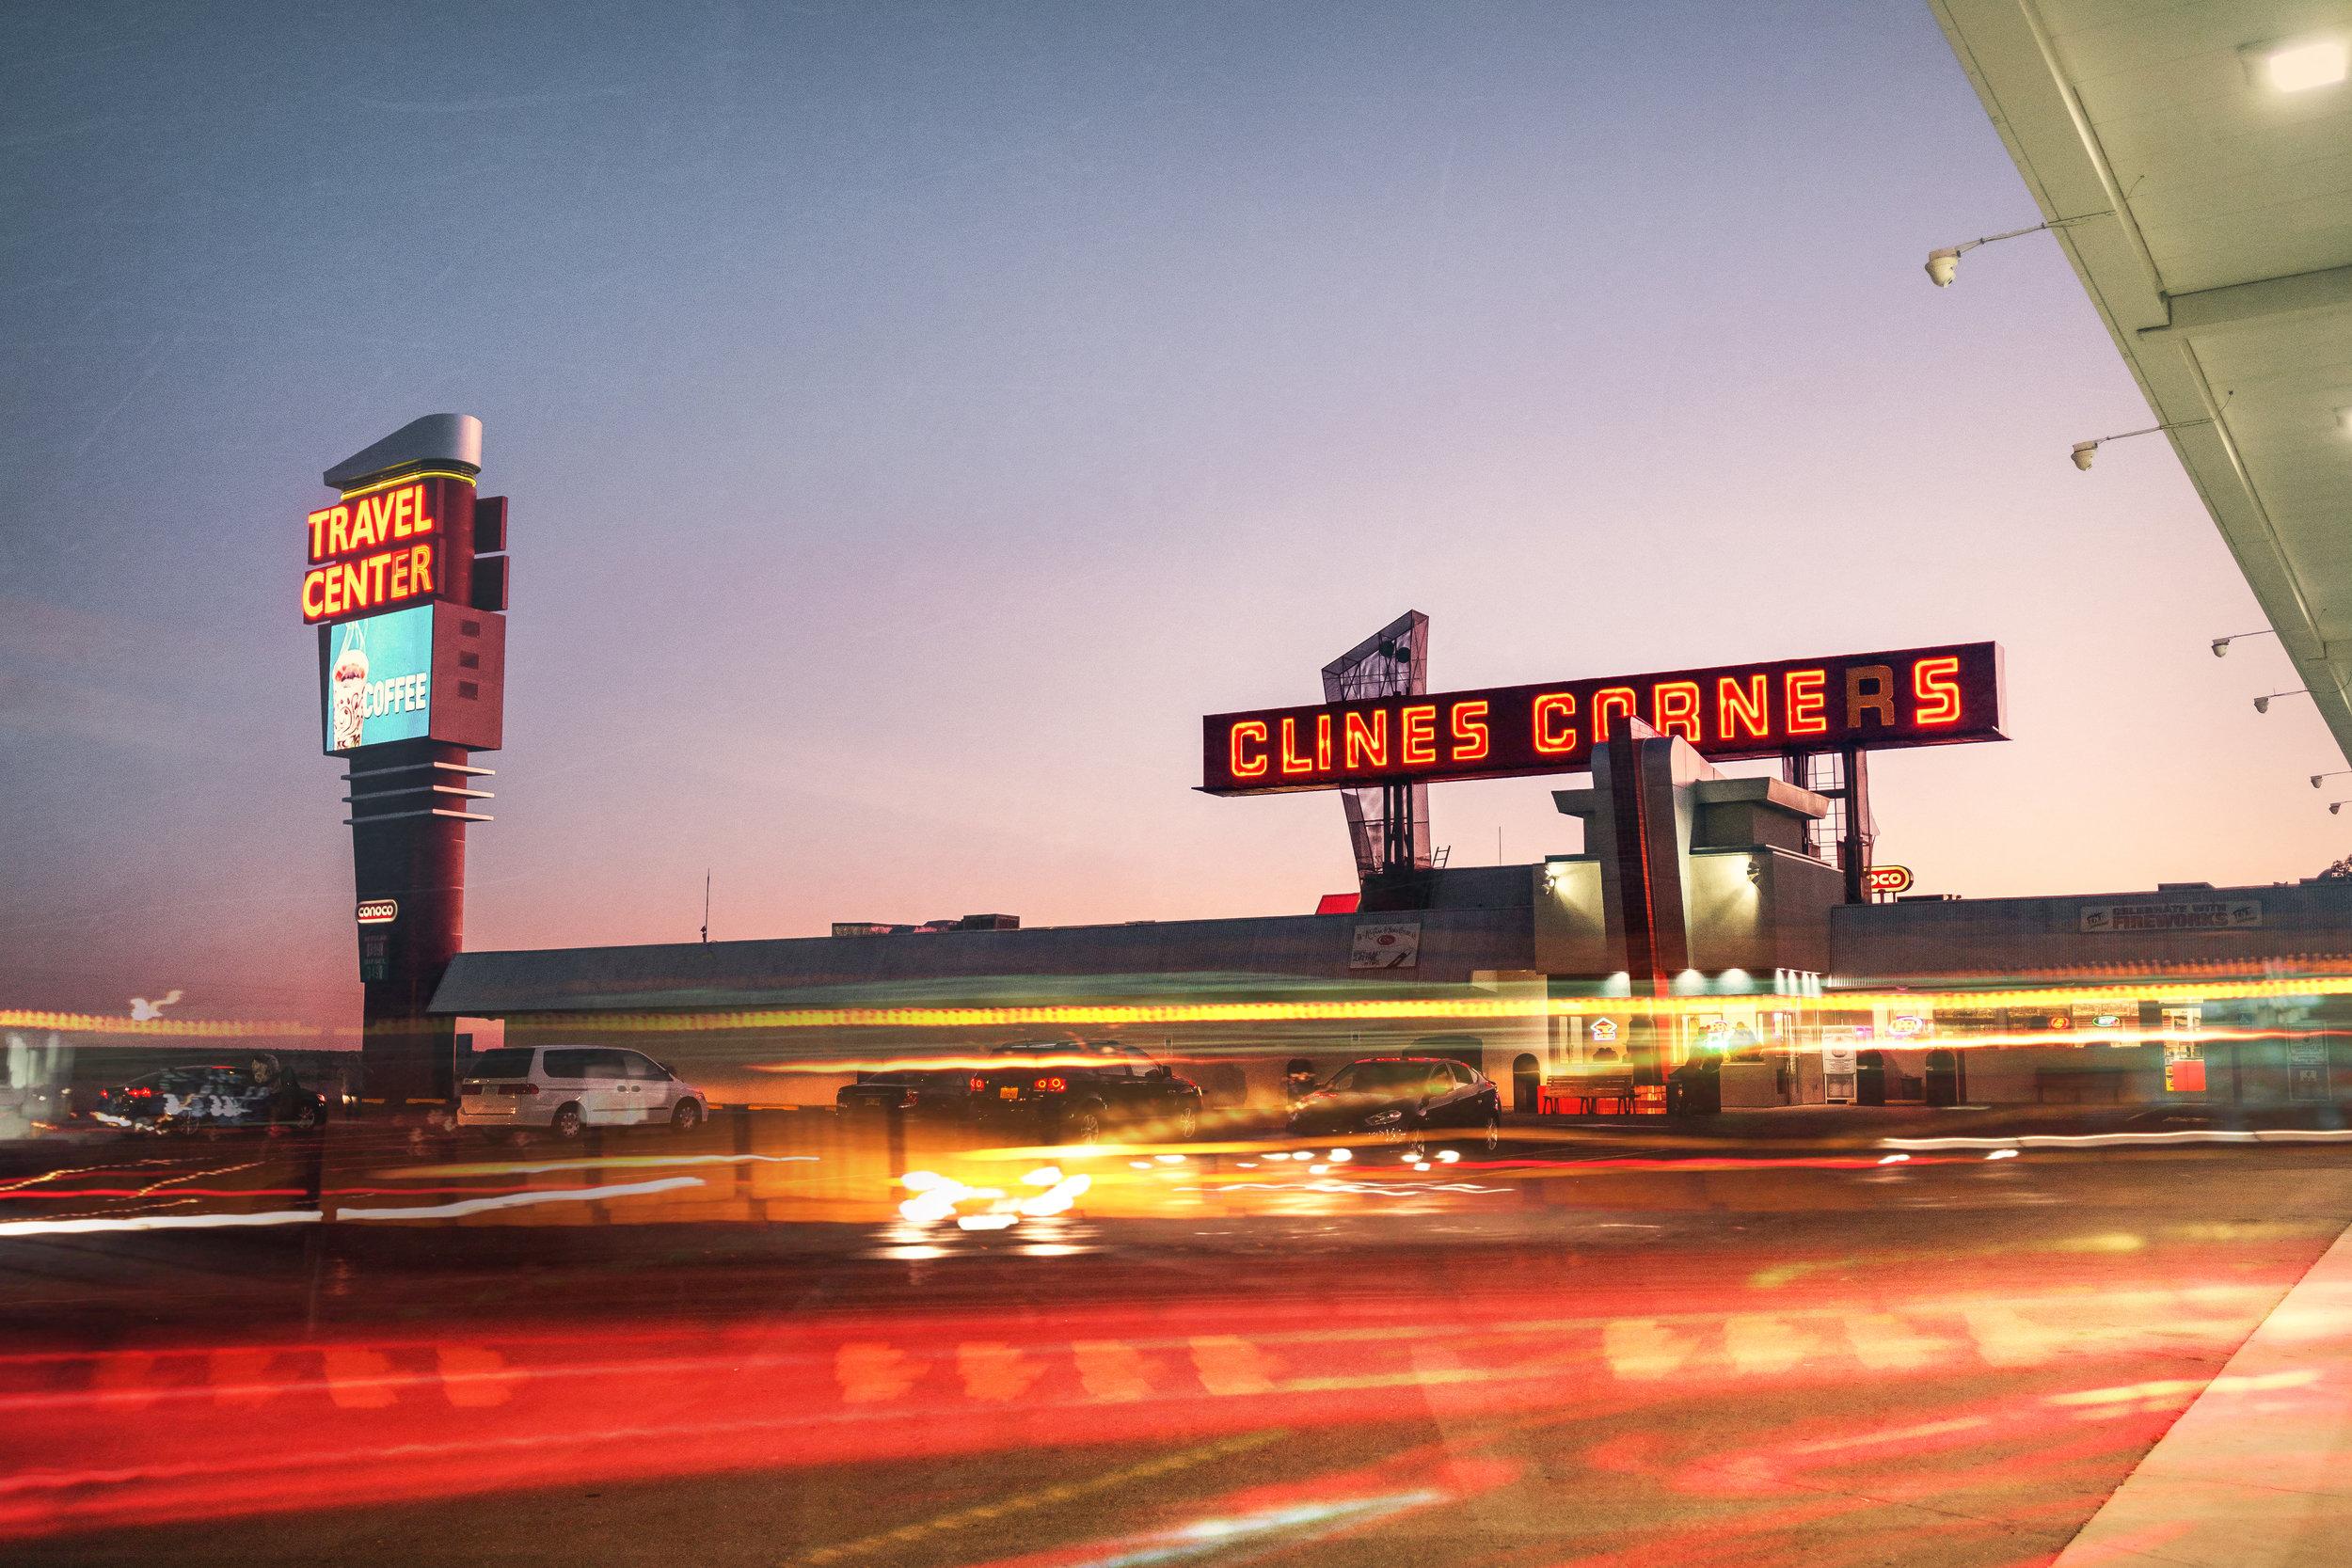 Cline's Corners.jpg